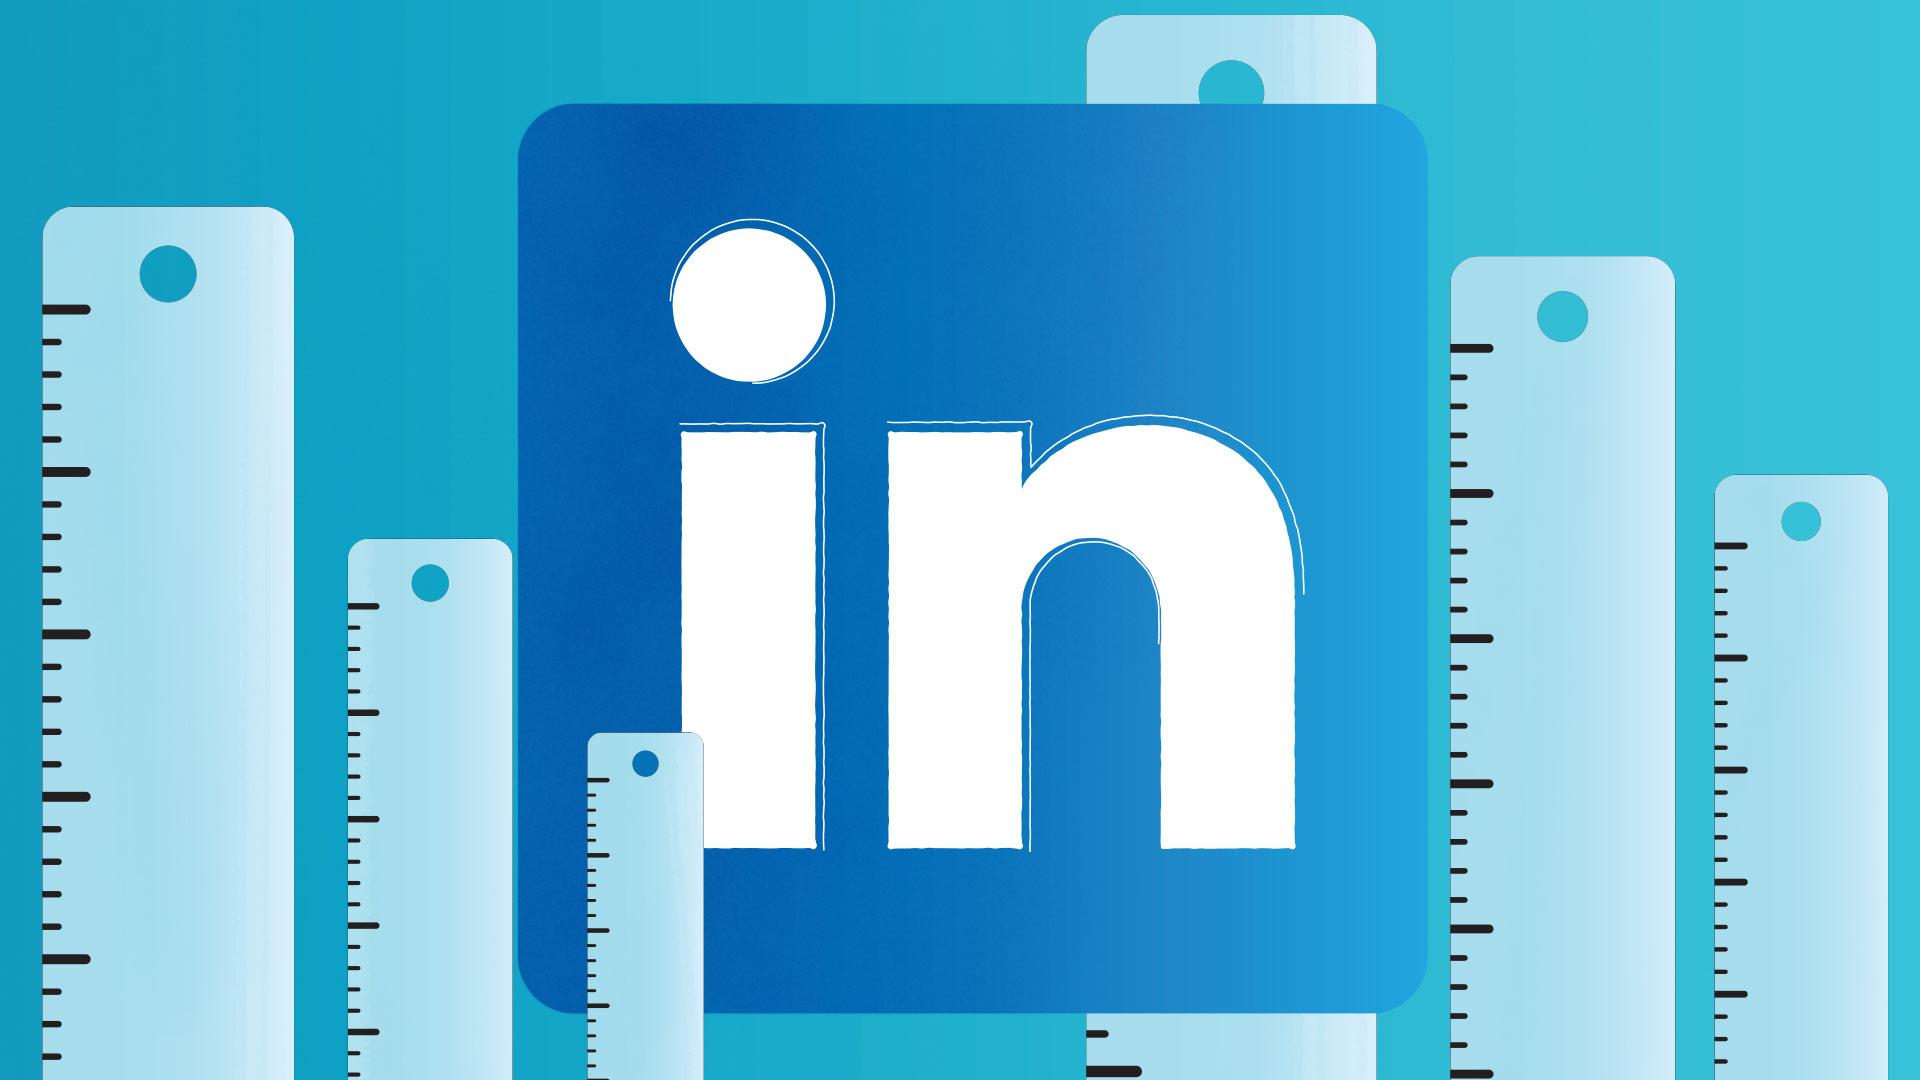 LinkendIn_SocialMedia_banner